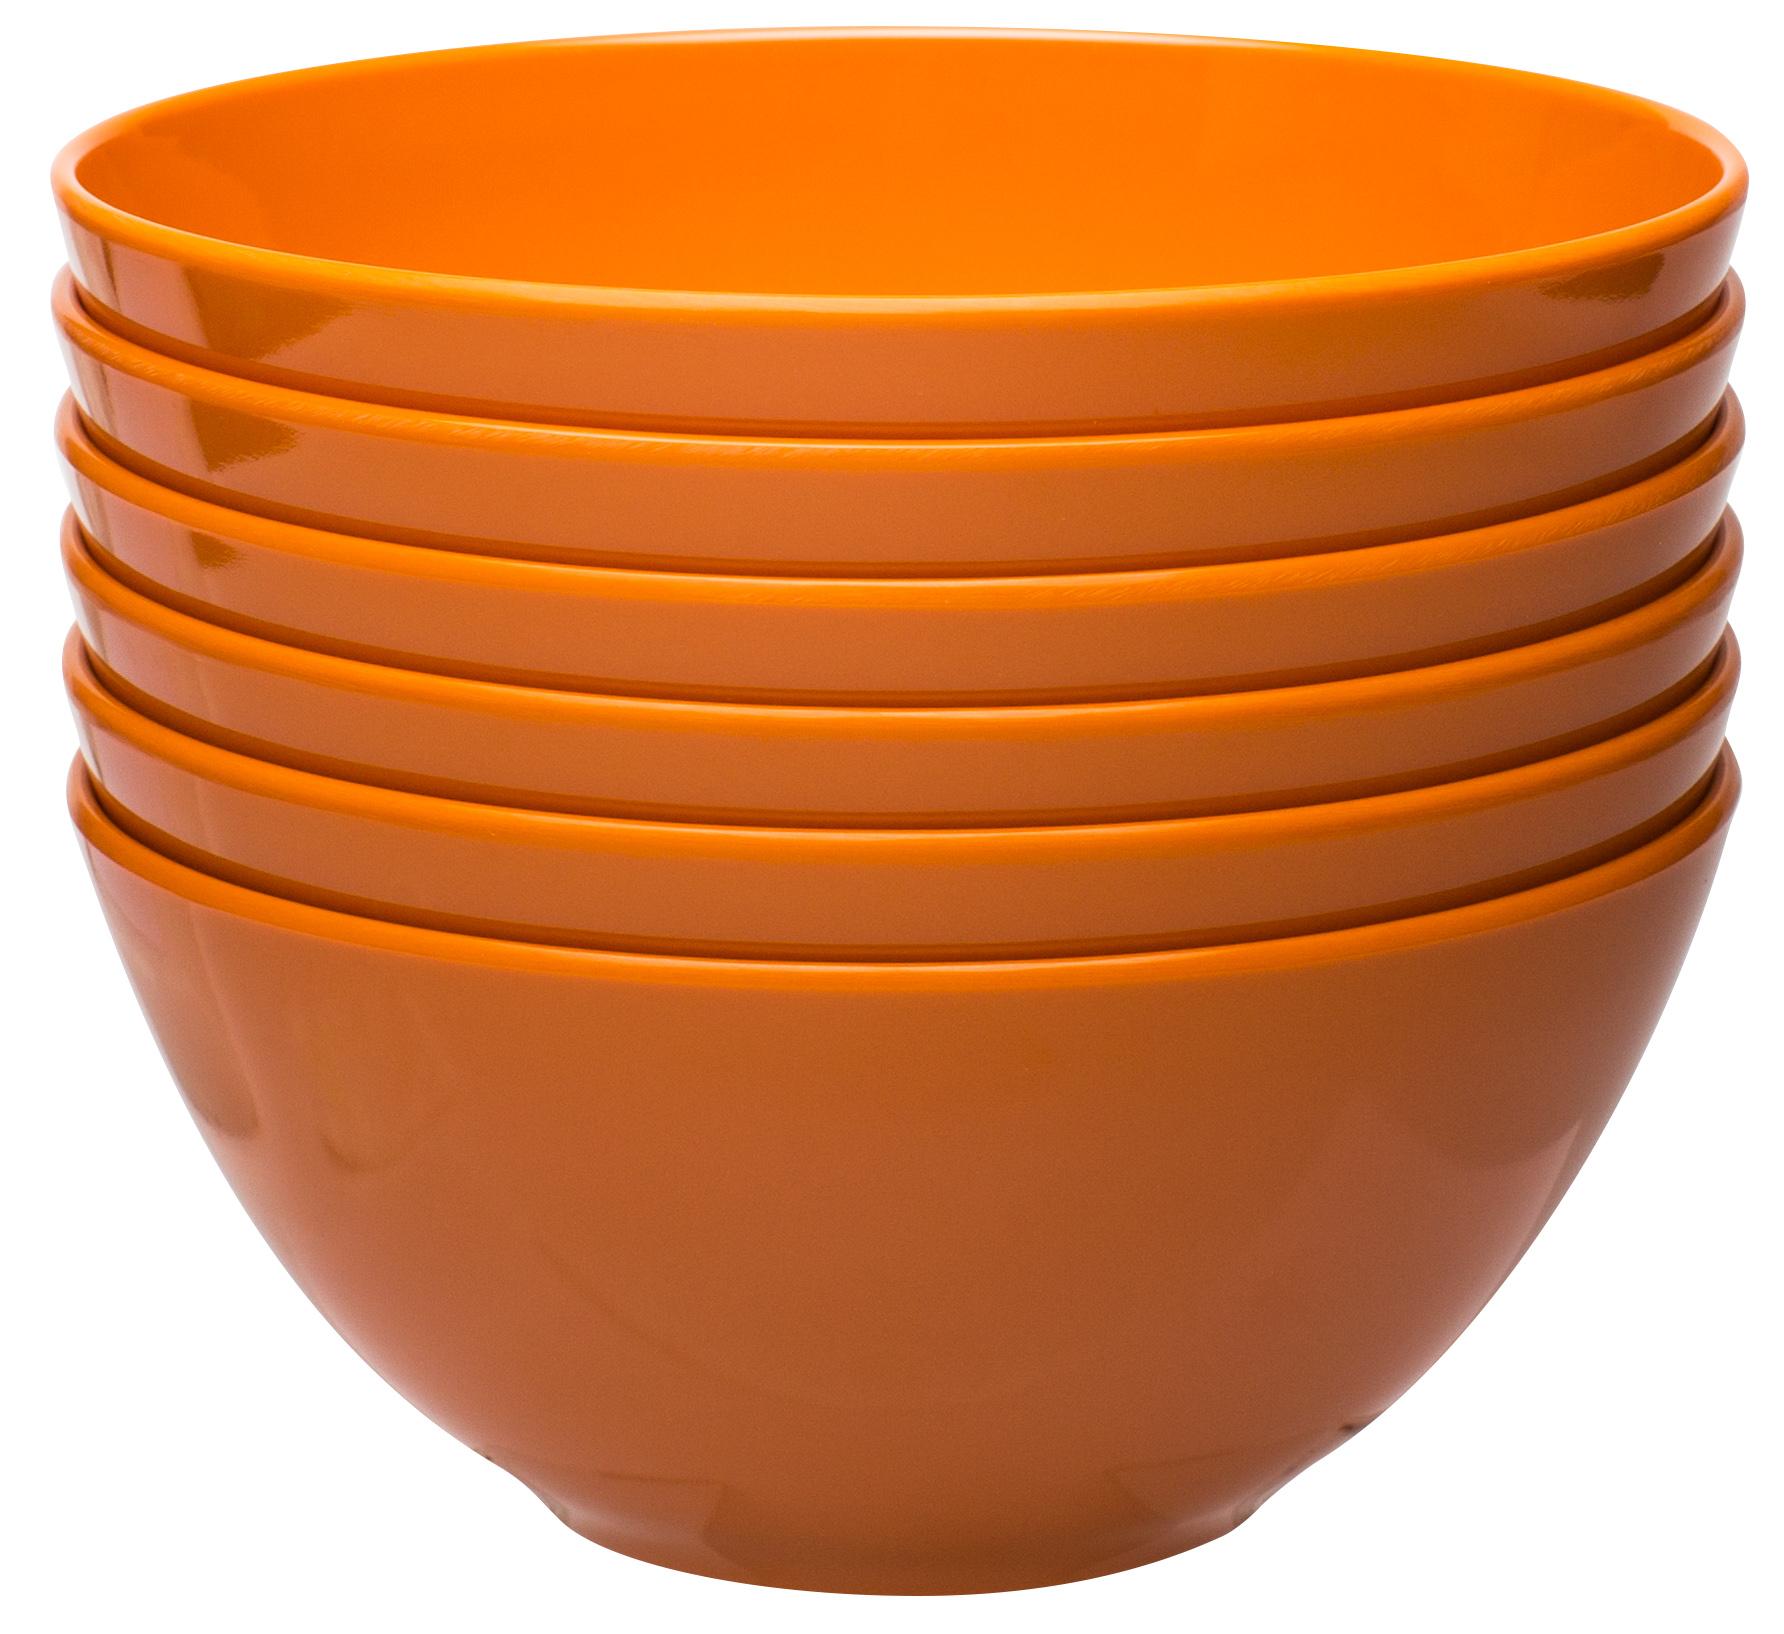 Ella 30 ounce Soup Bowl, Orange, 6-piece set slideshow image 1